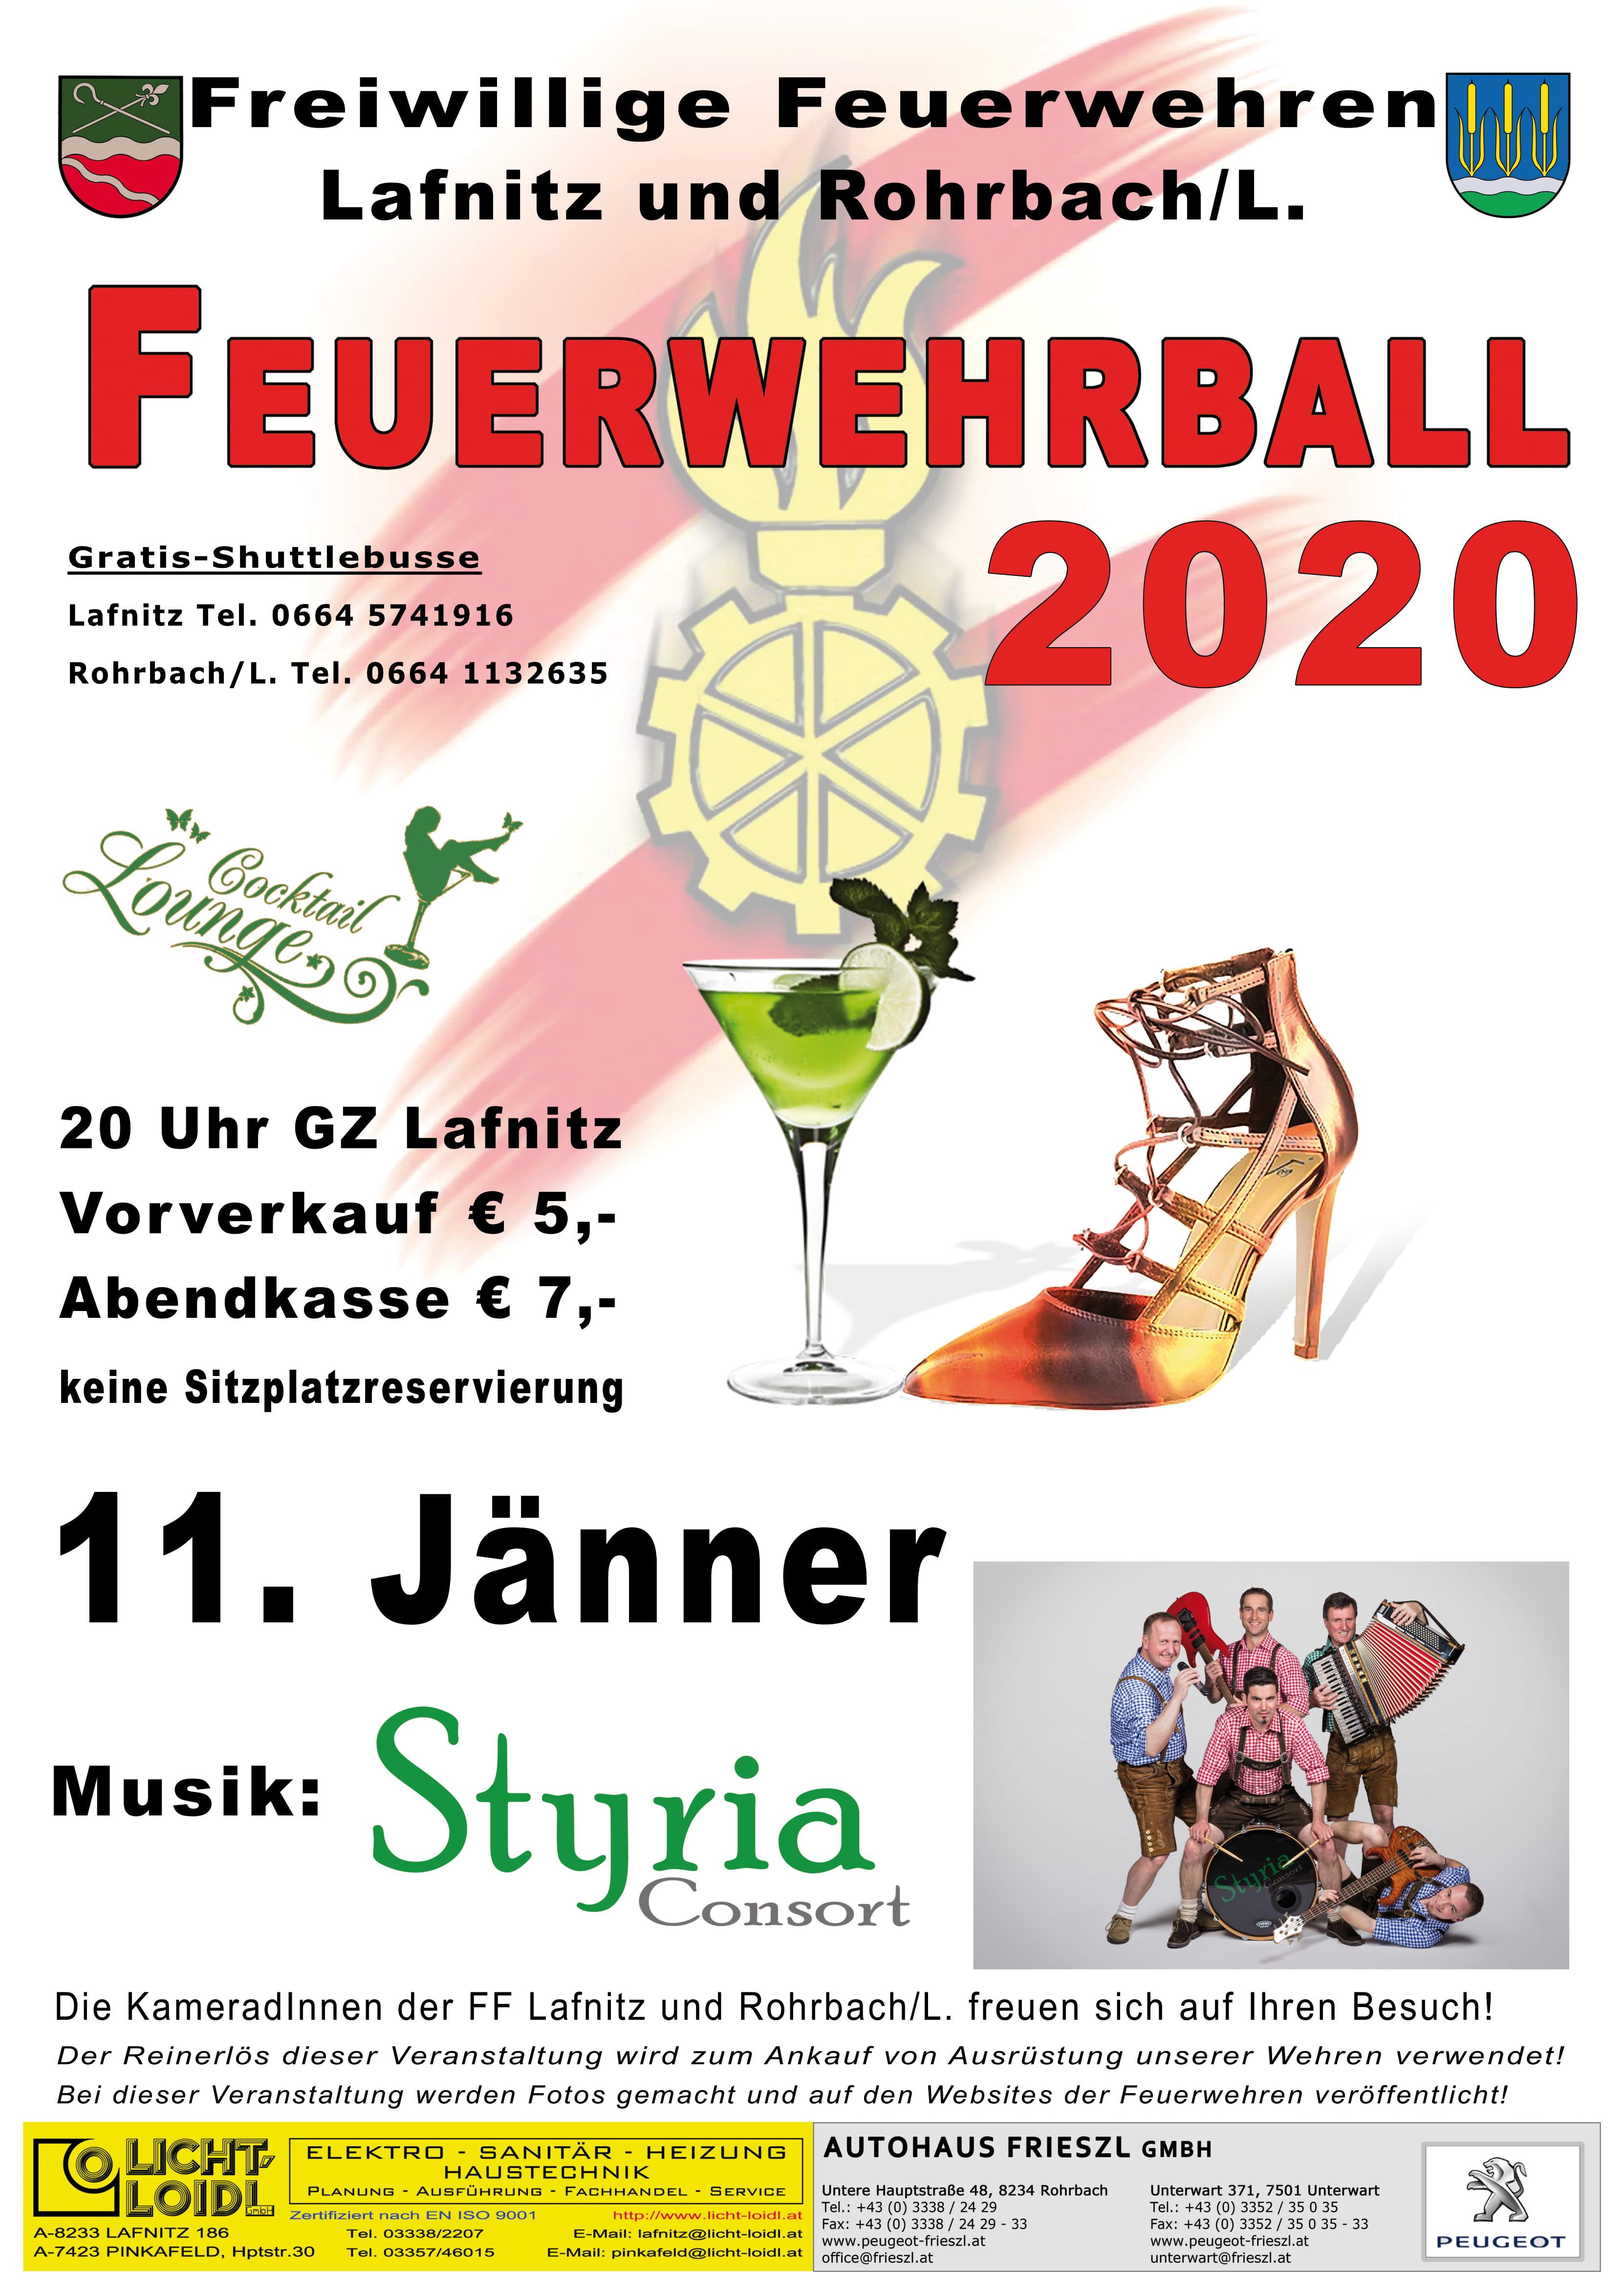 Feuerwehrball 11.01.2020